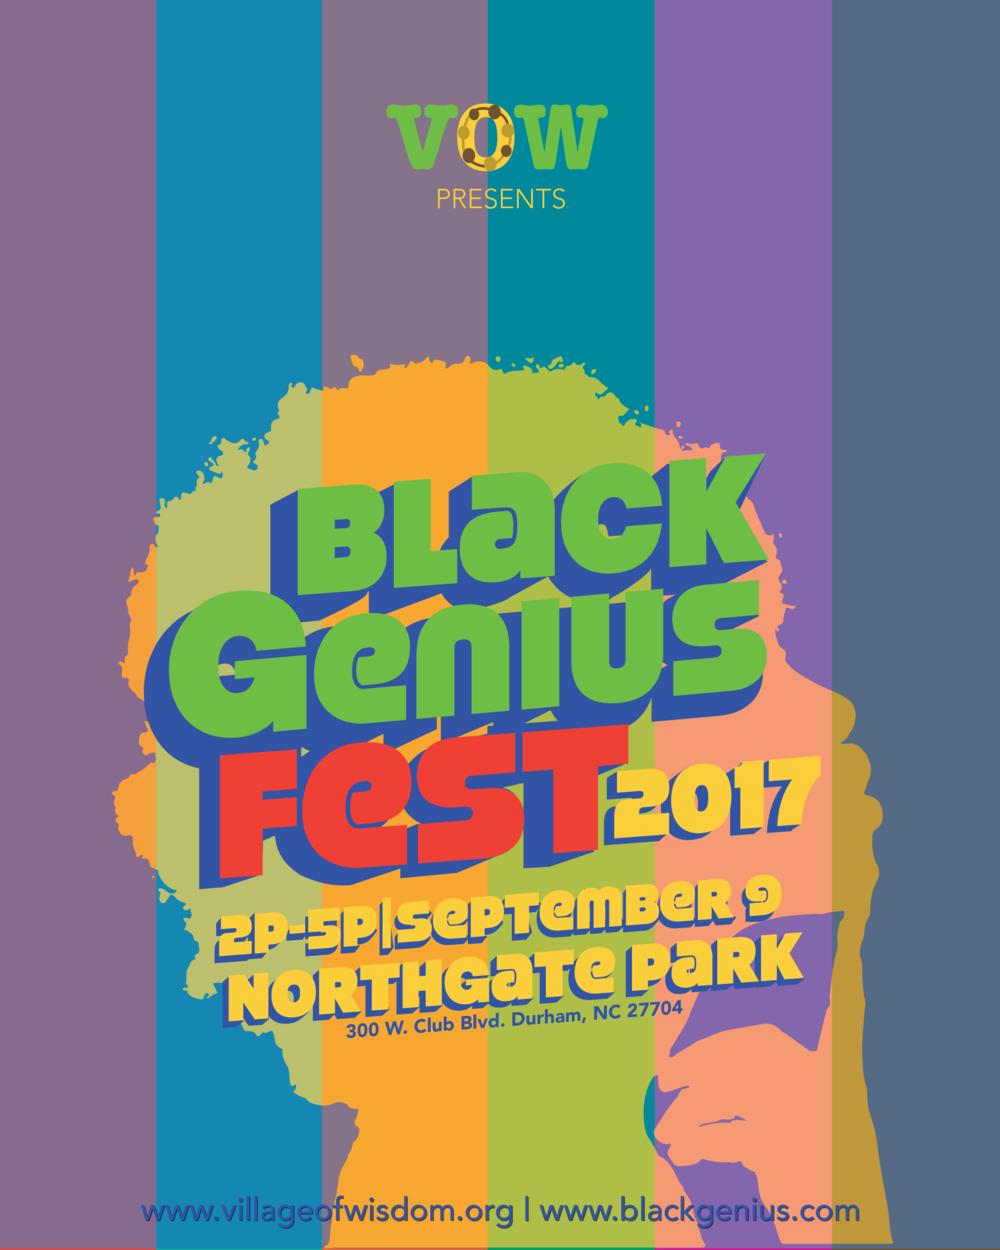 BG-Fest-2017-IG.png